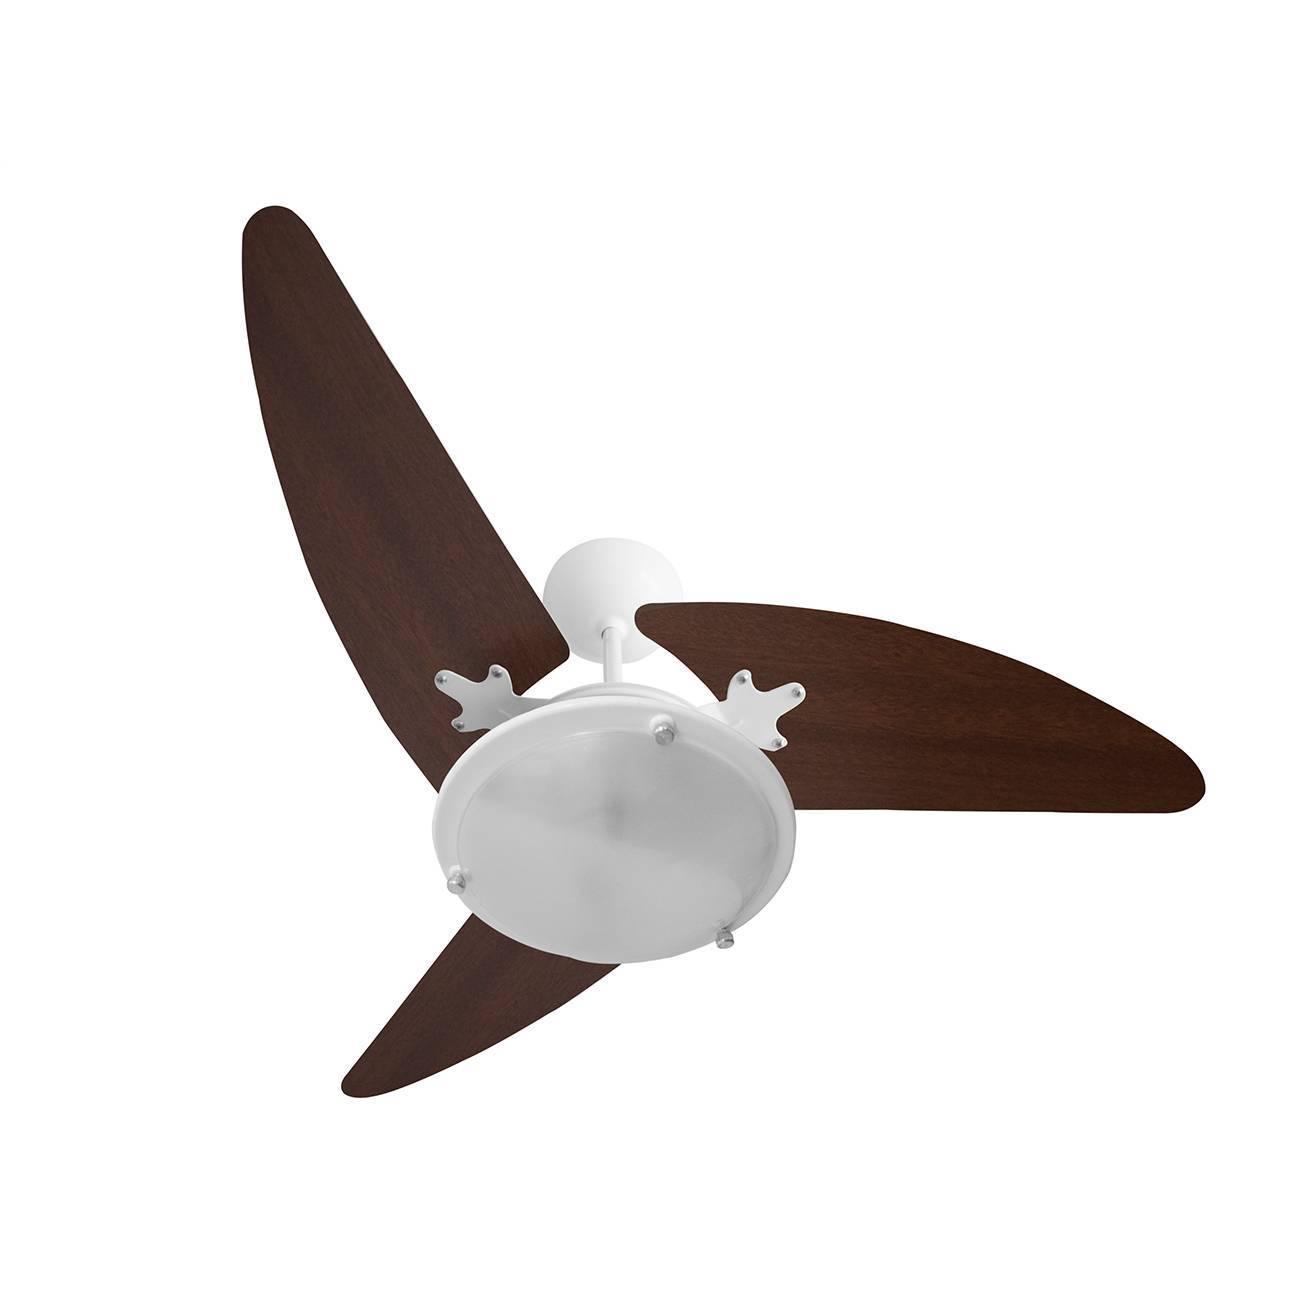 Ventilador De Teto Wind Light Branco 1 Lâmp. Roma 3 Pás - LCGELETRO